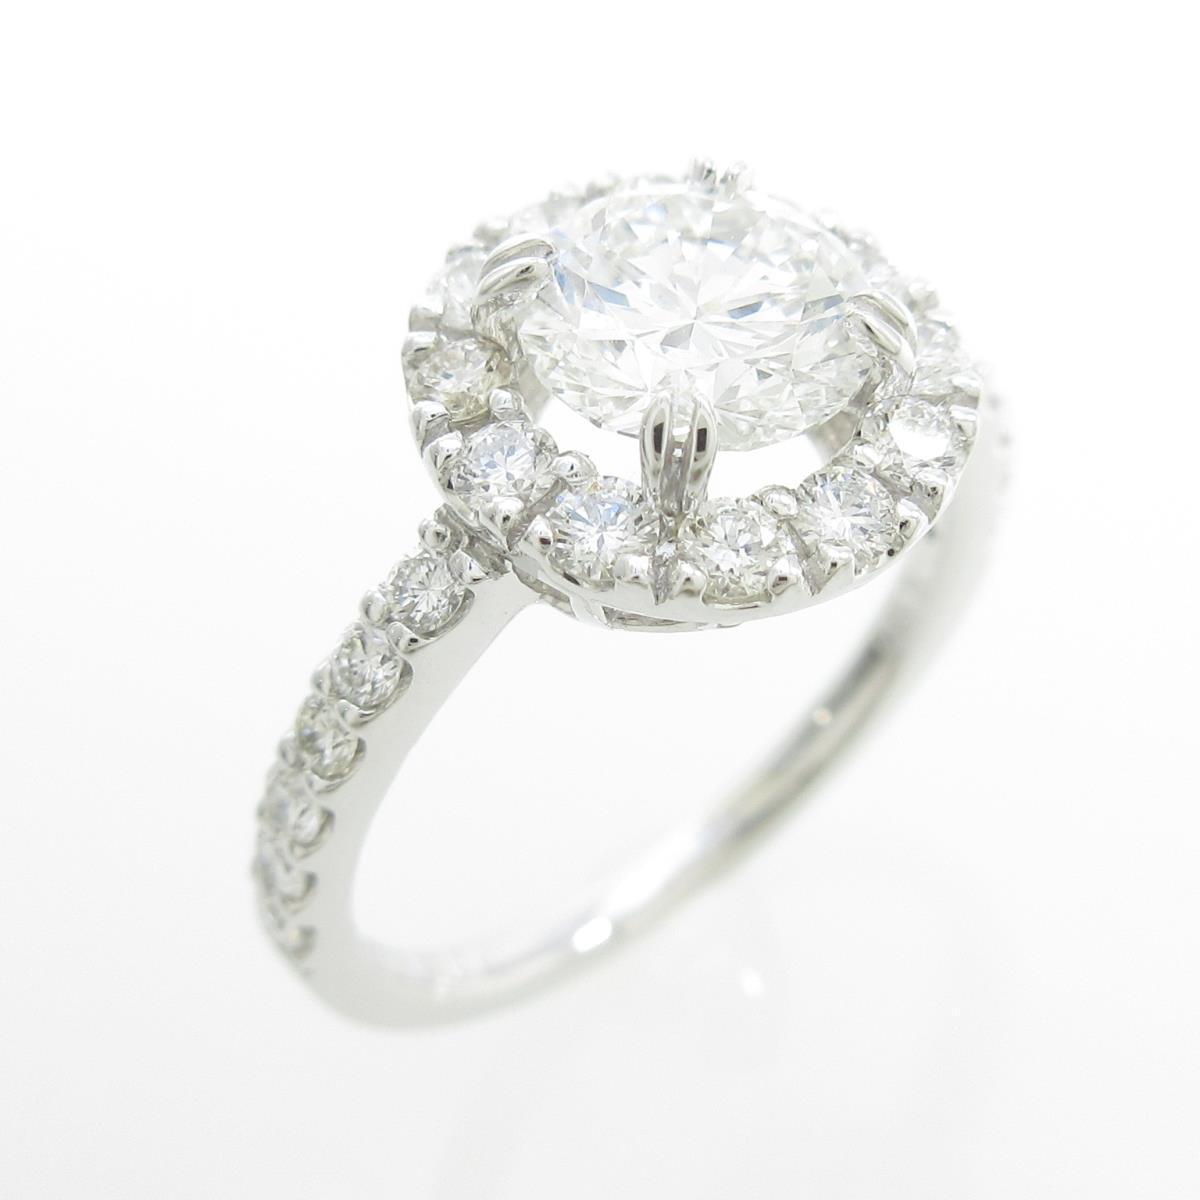 【リメイク】プラチナダイヤモンドリング 1.070ct・F・VS2・VG【中古】